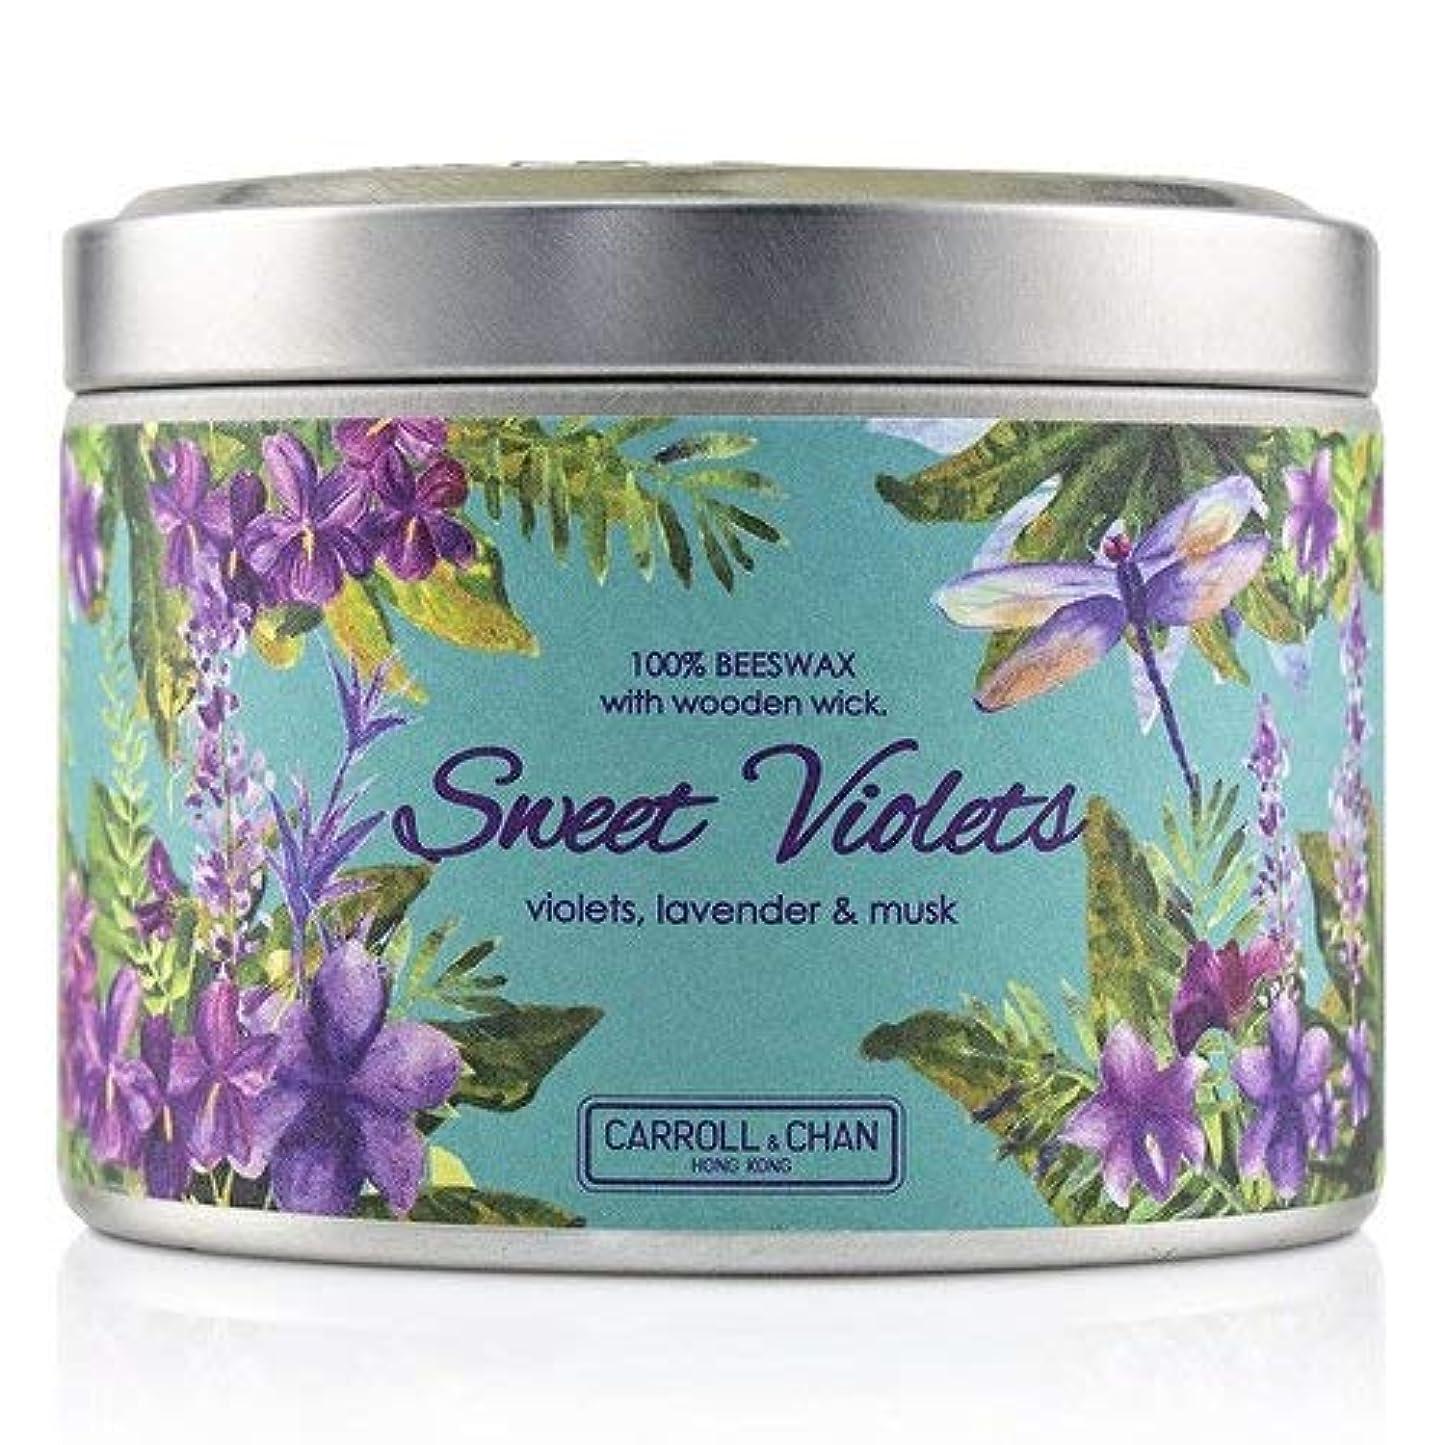 不健康賞賛ガレージキャンドル?カンパニー Tin Can 100% Beeswax Candle with Wooden Wick - Sweet Violets (8x5) cm並行輸入品